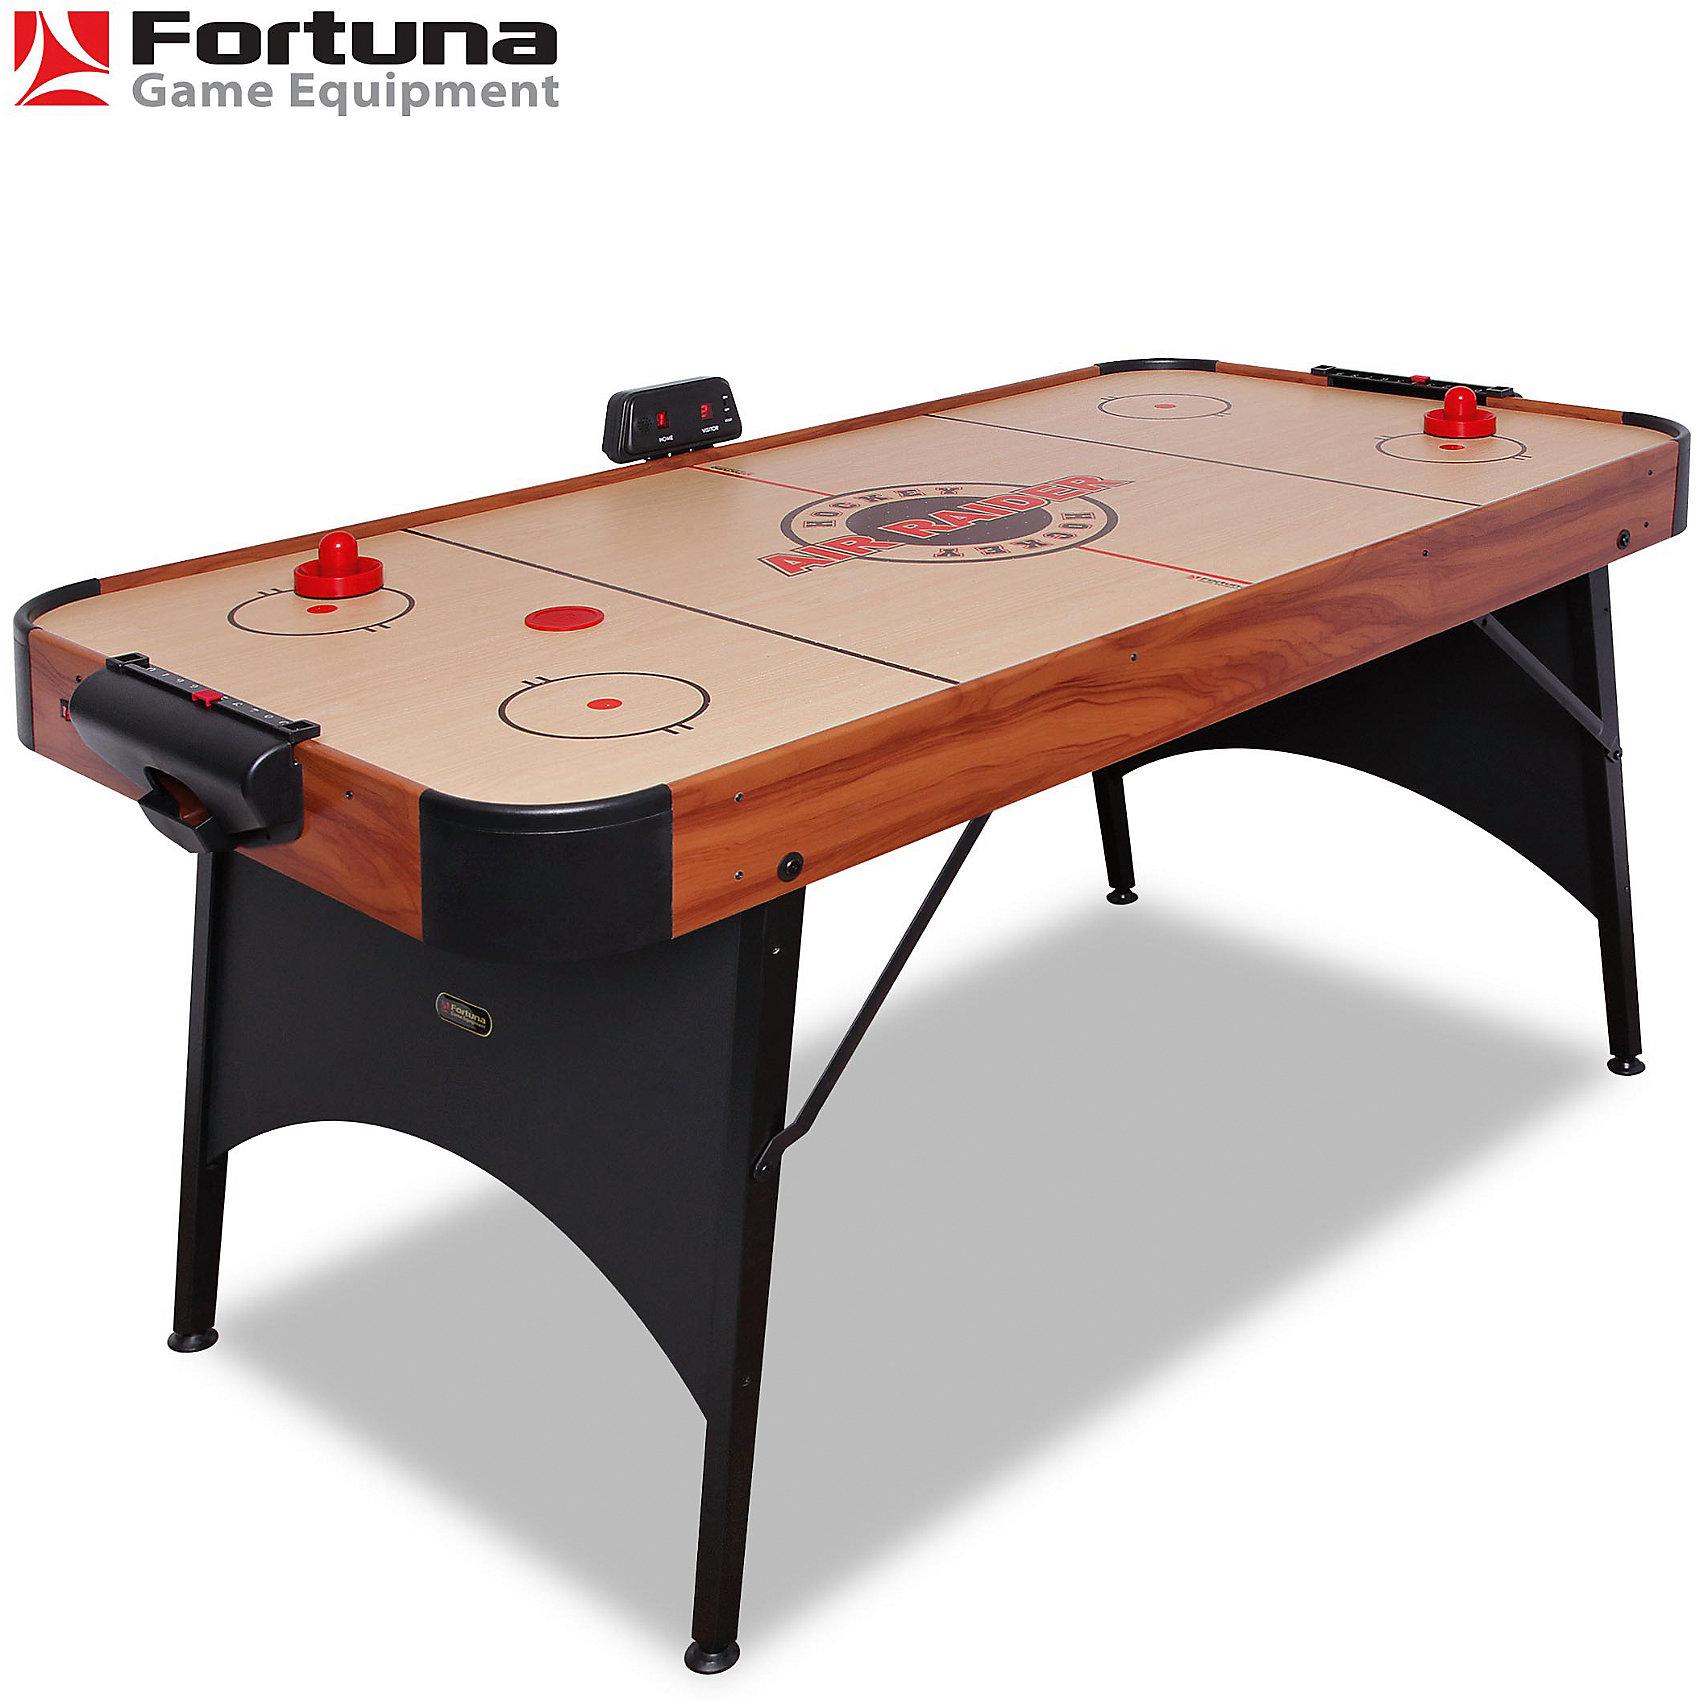 Аэрохоккей Air Raider HD-50, 153x77x80 см, FortunaНастольный аэрохоккей AIR RAIDER HD-50<br><br>Характеристики игрового набора Fortuna Game Equipment:<br><br>• габариты стола в собранном виде: 153х77х80 см;<br>• вес стола: 21,48 кг;<br>• размер игрового поля: 149х73 см;<br>• имеется компрессор;<br>• регулируется по высоте;<br>• имеется электронный счетчик очков;<br>• материал корпуса + опор, покрытие: МДФ, металл, ПВХ;<br>• электропитание: 220 В;<br>• размер упаковки: 159х83х15 см;<br>• вес упаковки: 26,87 кг;<br>• упаковка: мастер-коробка, коммерческая коробка, МДФ, пенопласт, полиэтилен.<br><br>Настольный аэрохоккей принесет удовольствие не только детям, но и их родителям. Имеется счетчик очков - игроки смогут отслеживать, кто лидирует в захватывающей схватке.<br><br>Комплектация игрового набора «Аэрохоккей»: <br><br>• 4 биты, диаметр 6,5 см;<br>• 4 шайбы, диаметр 5 см;<br>• 1 адаптер.<br><br>Аэрохоккей Air Raider HD-50, 153x77x80 см, Fortuna можно купить в нашем интернет-магазине.<br><br>Ширина мм: 1590<br>Глубина мм: 150<br>Высота мм: 830<br>Вес г: 26870<br>Возраст от месяцев: 36<br>Возраст до месяцев: 2147483647<br>Пол: Унисекс<br>Возраст: Детский<br>SKU: 5032452